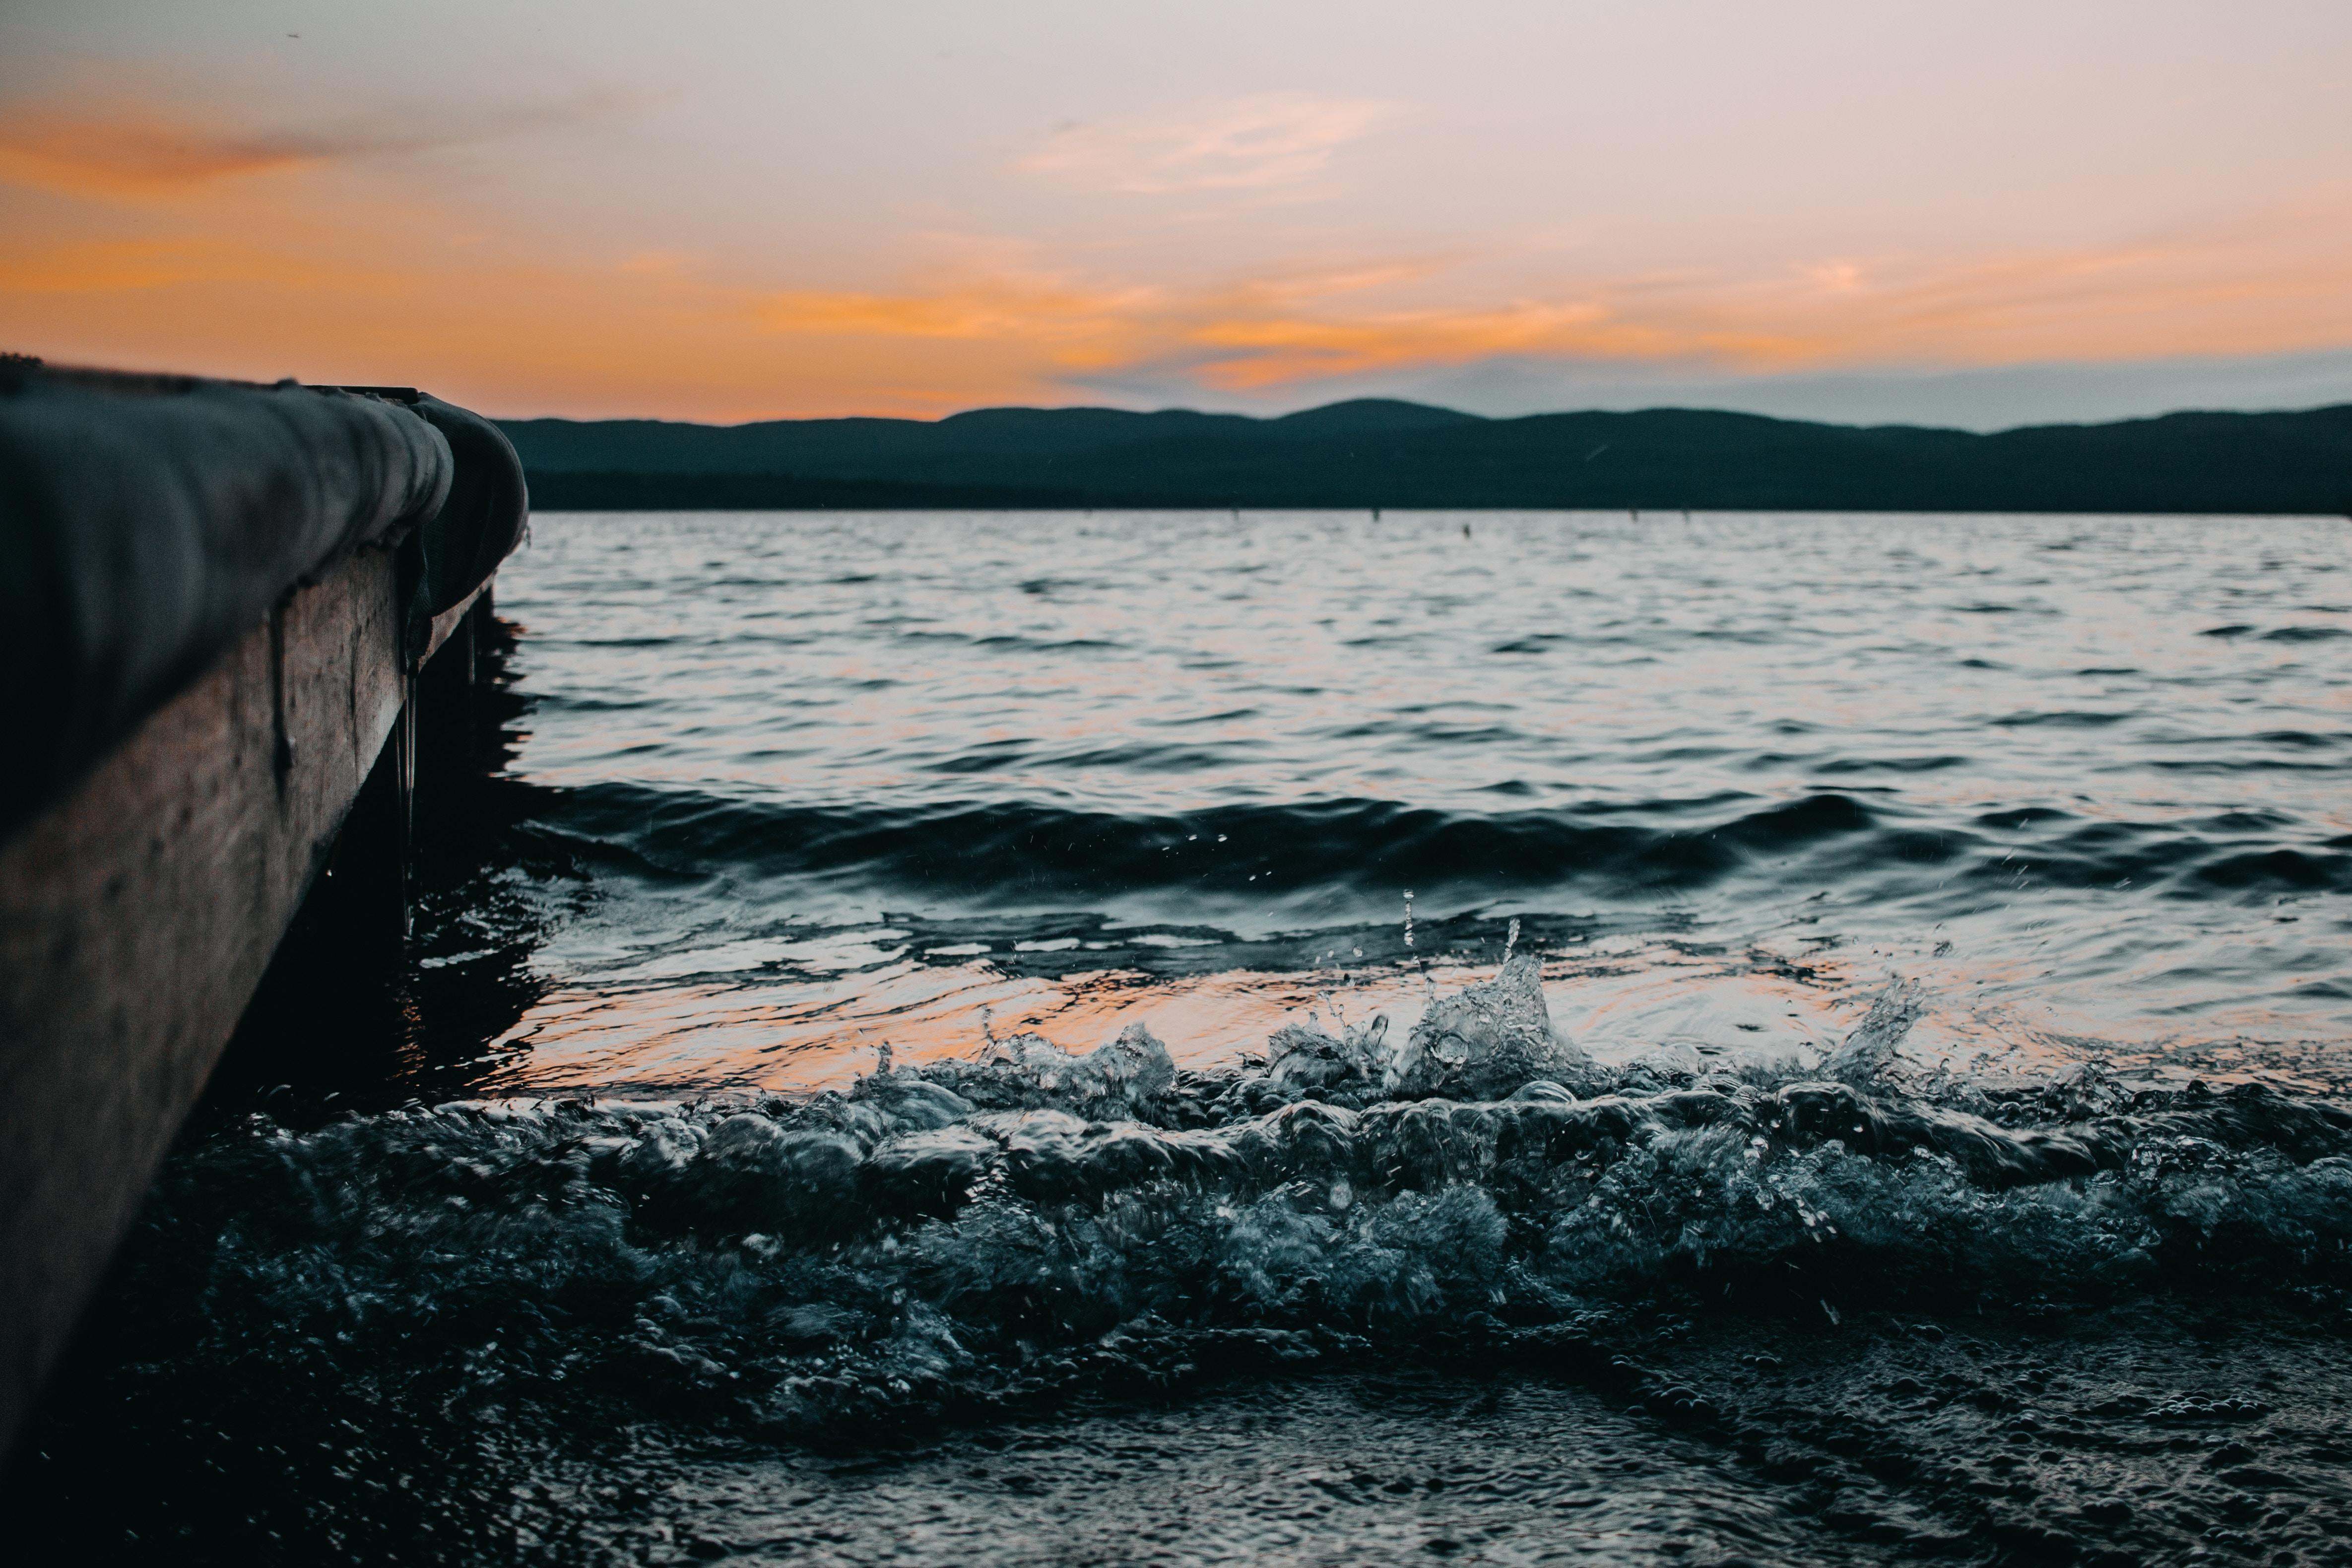 82883 Hintergrundbild 720x1280 kostenlos auf deinem Handy, lade Bilder Natur, Wasser, Sea, Surfen, Sprühen, Spray, Welle 720x1280 auf dein Handy herunter